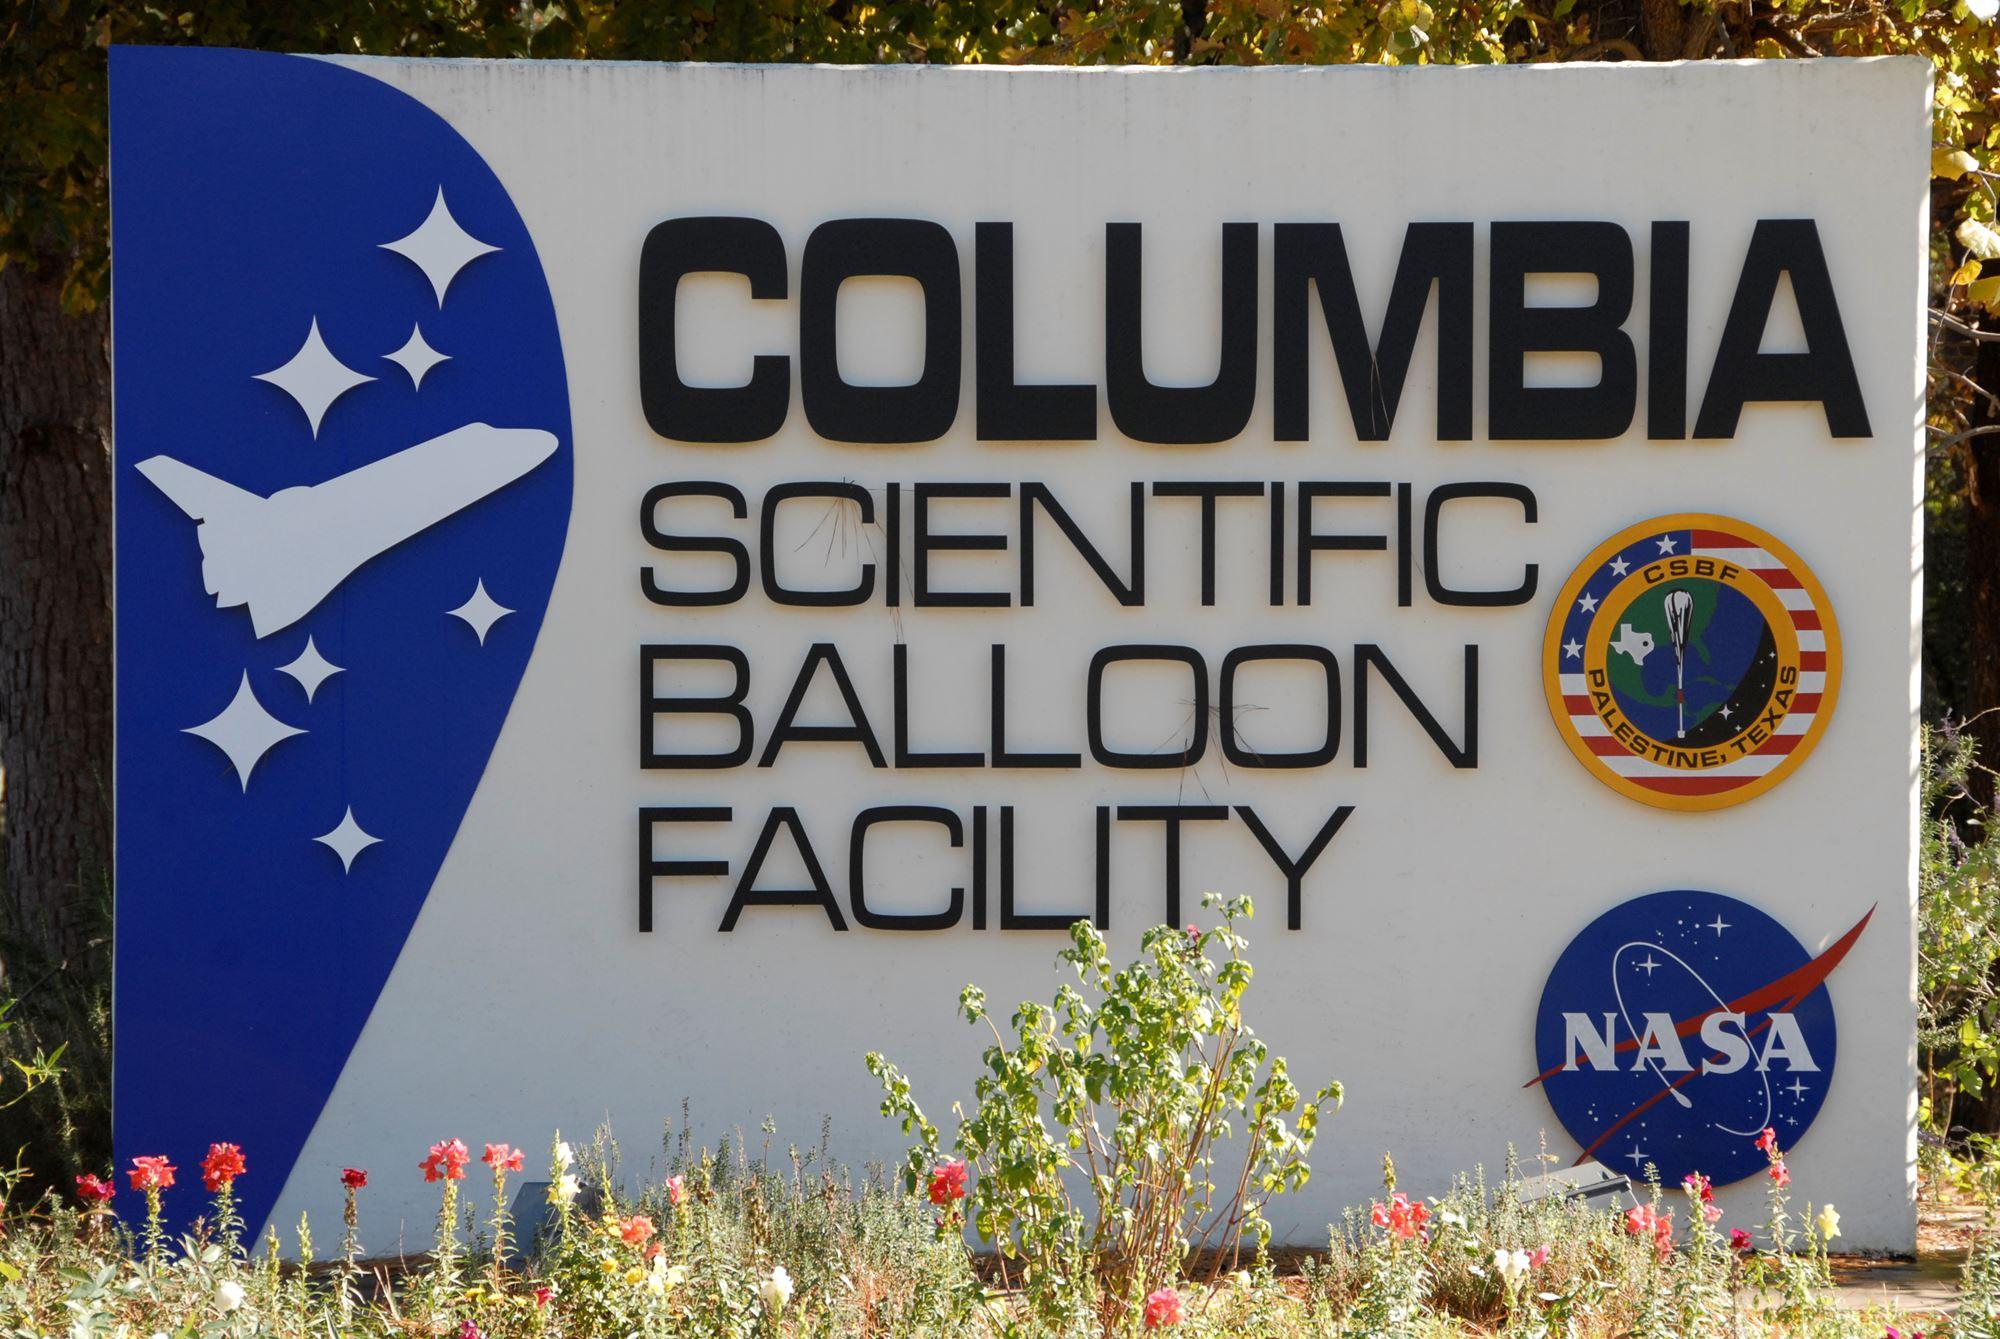 Columbia Scientific Balloon Facility